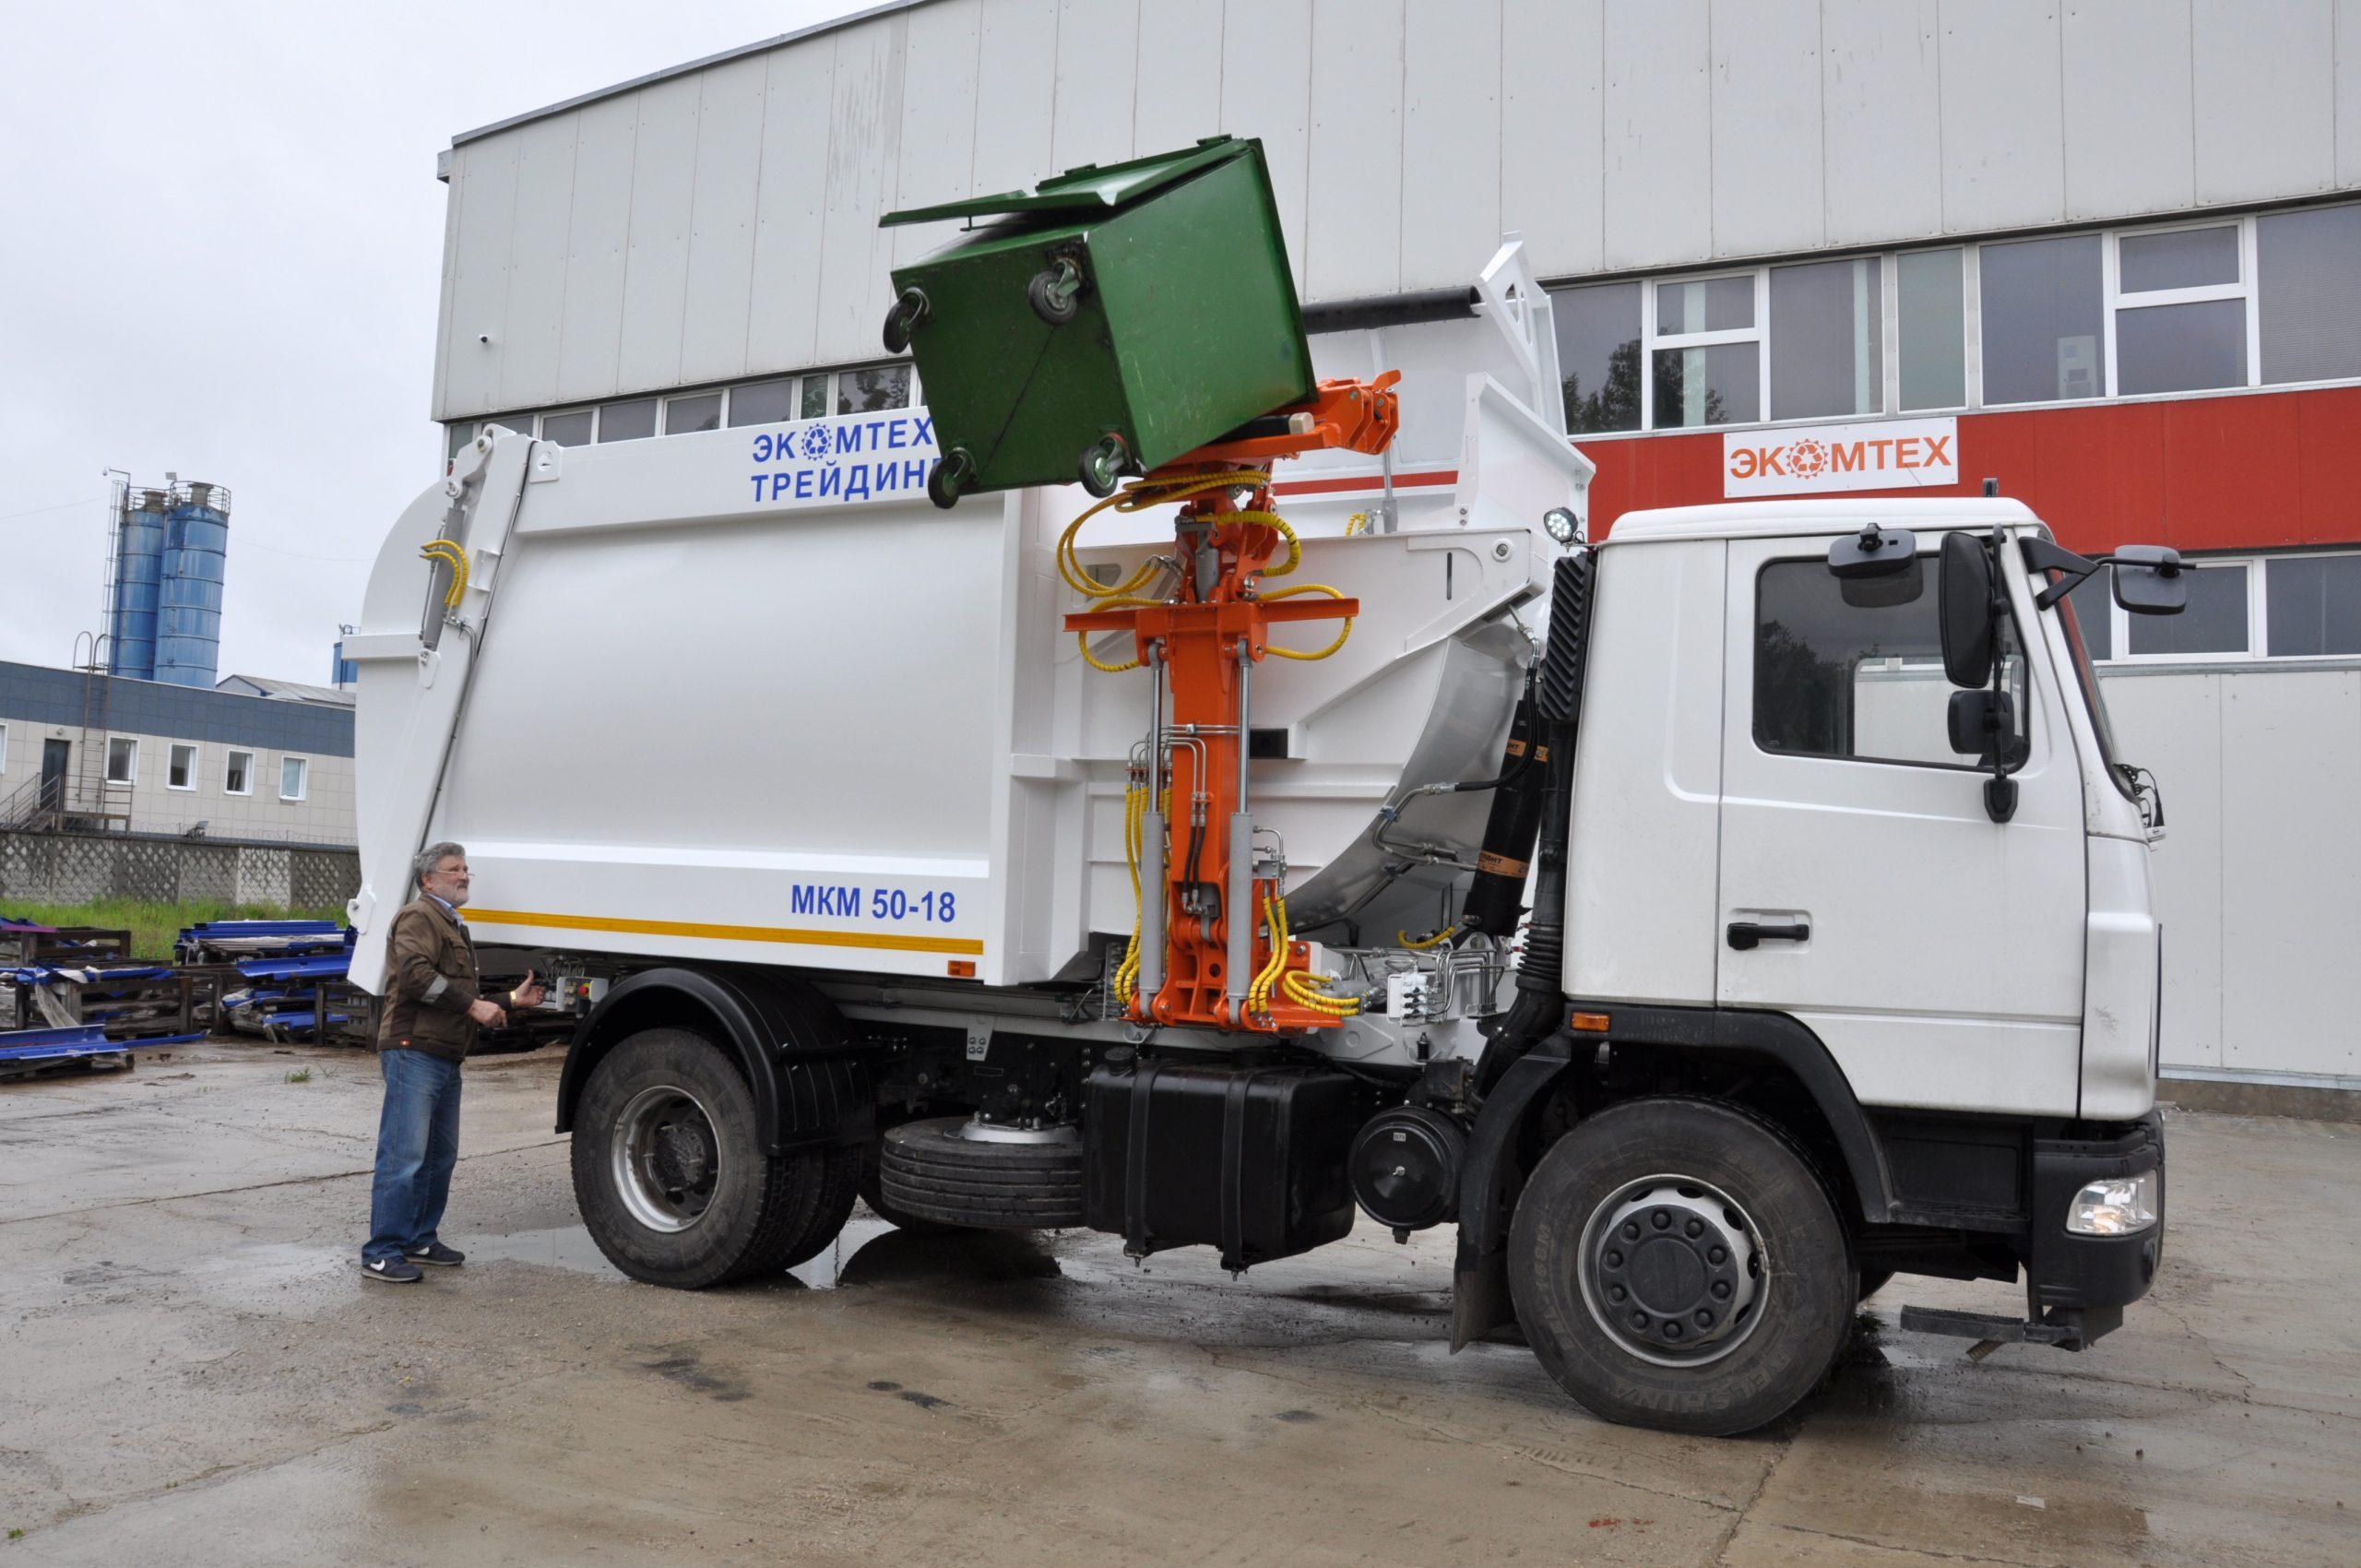 Представлен новый мусоровоз с боковой загрузкой от компании «Экомтех-Трейдинг»